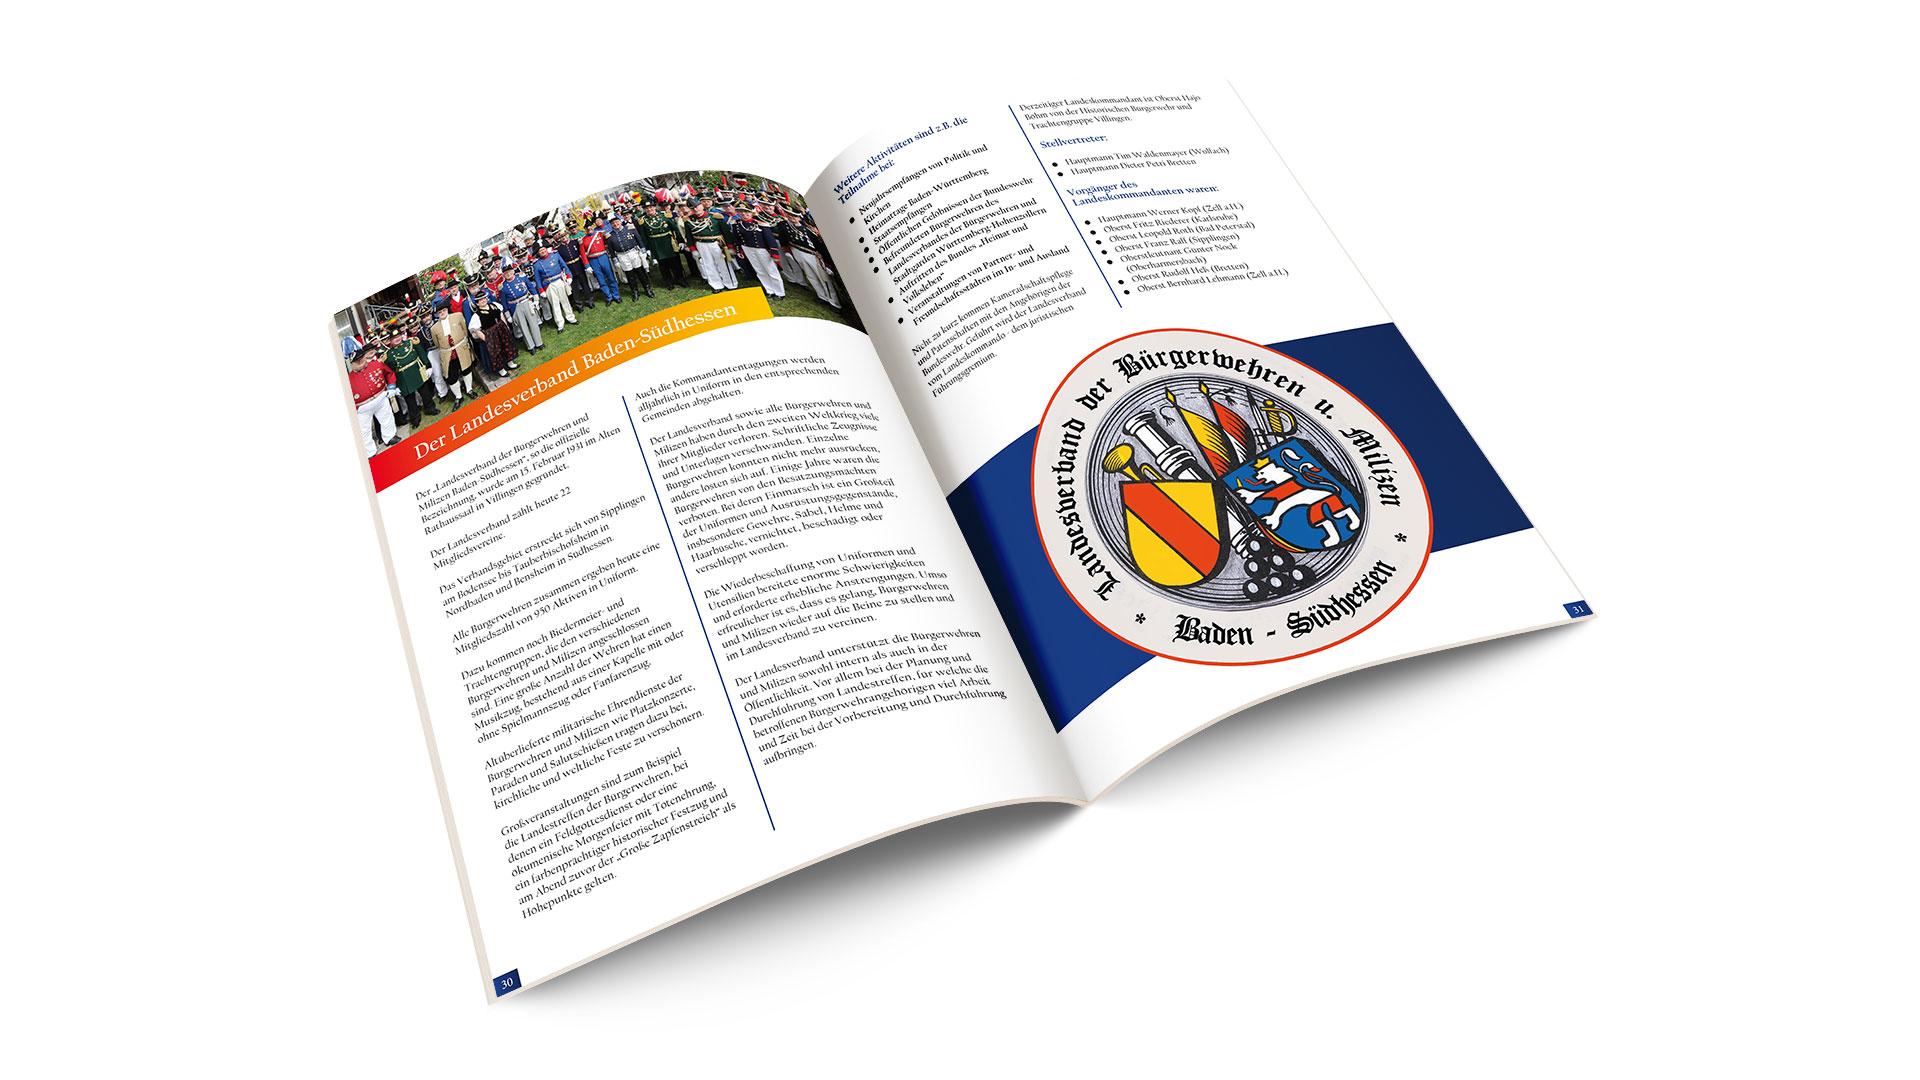 Festschrift zum Landestreffen der Bürgerwehren